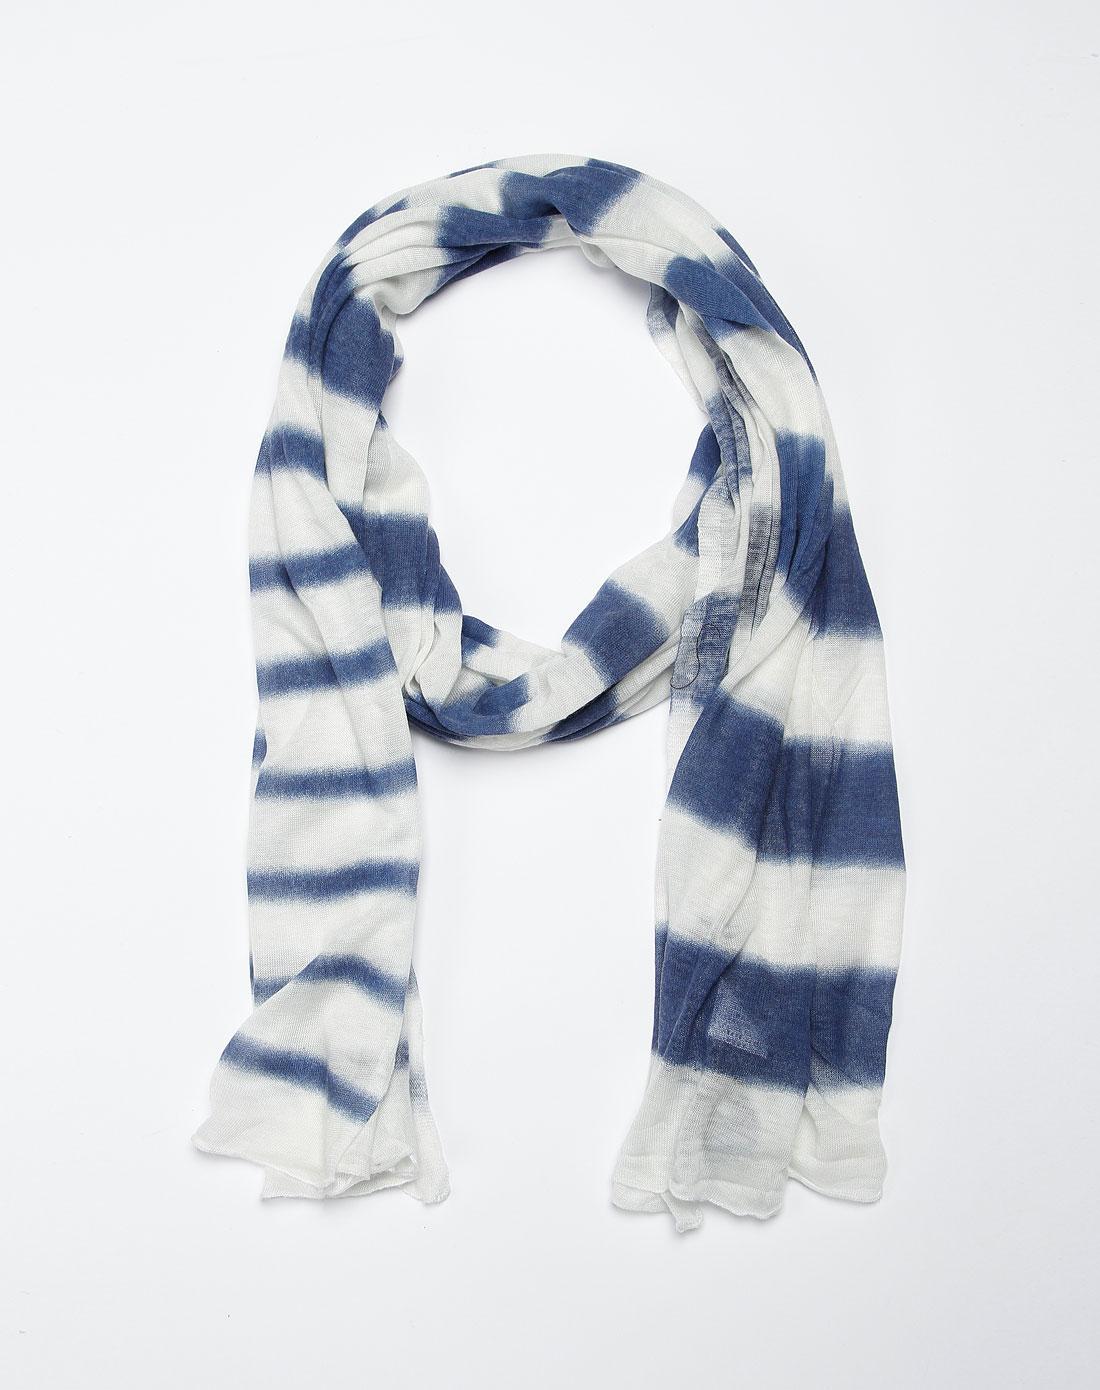 蓝白色条纹渐变间色围巾